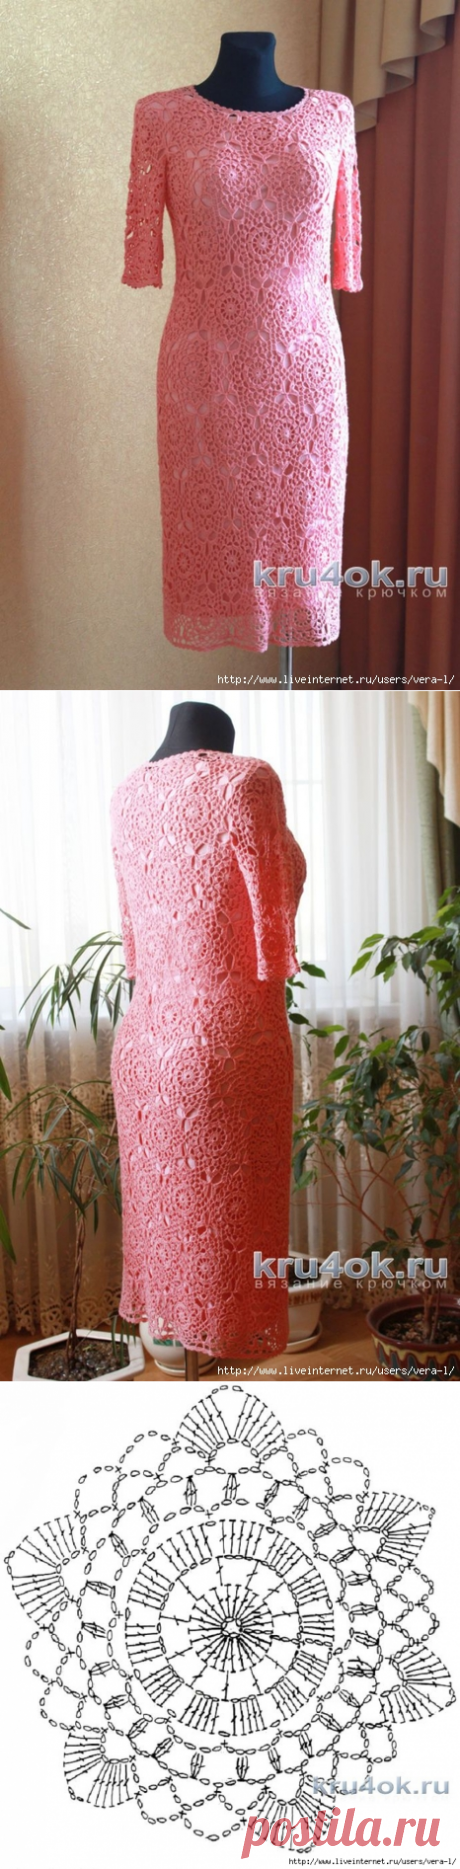 El vestido de mujer por el gancho. El trabajo de Ksyushi Tihonenko